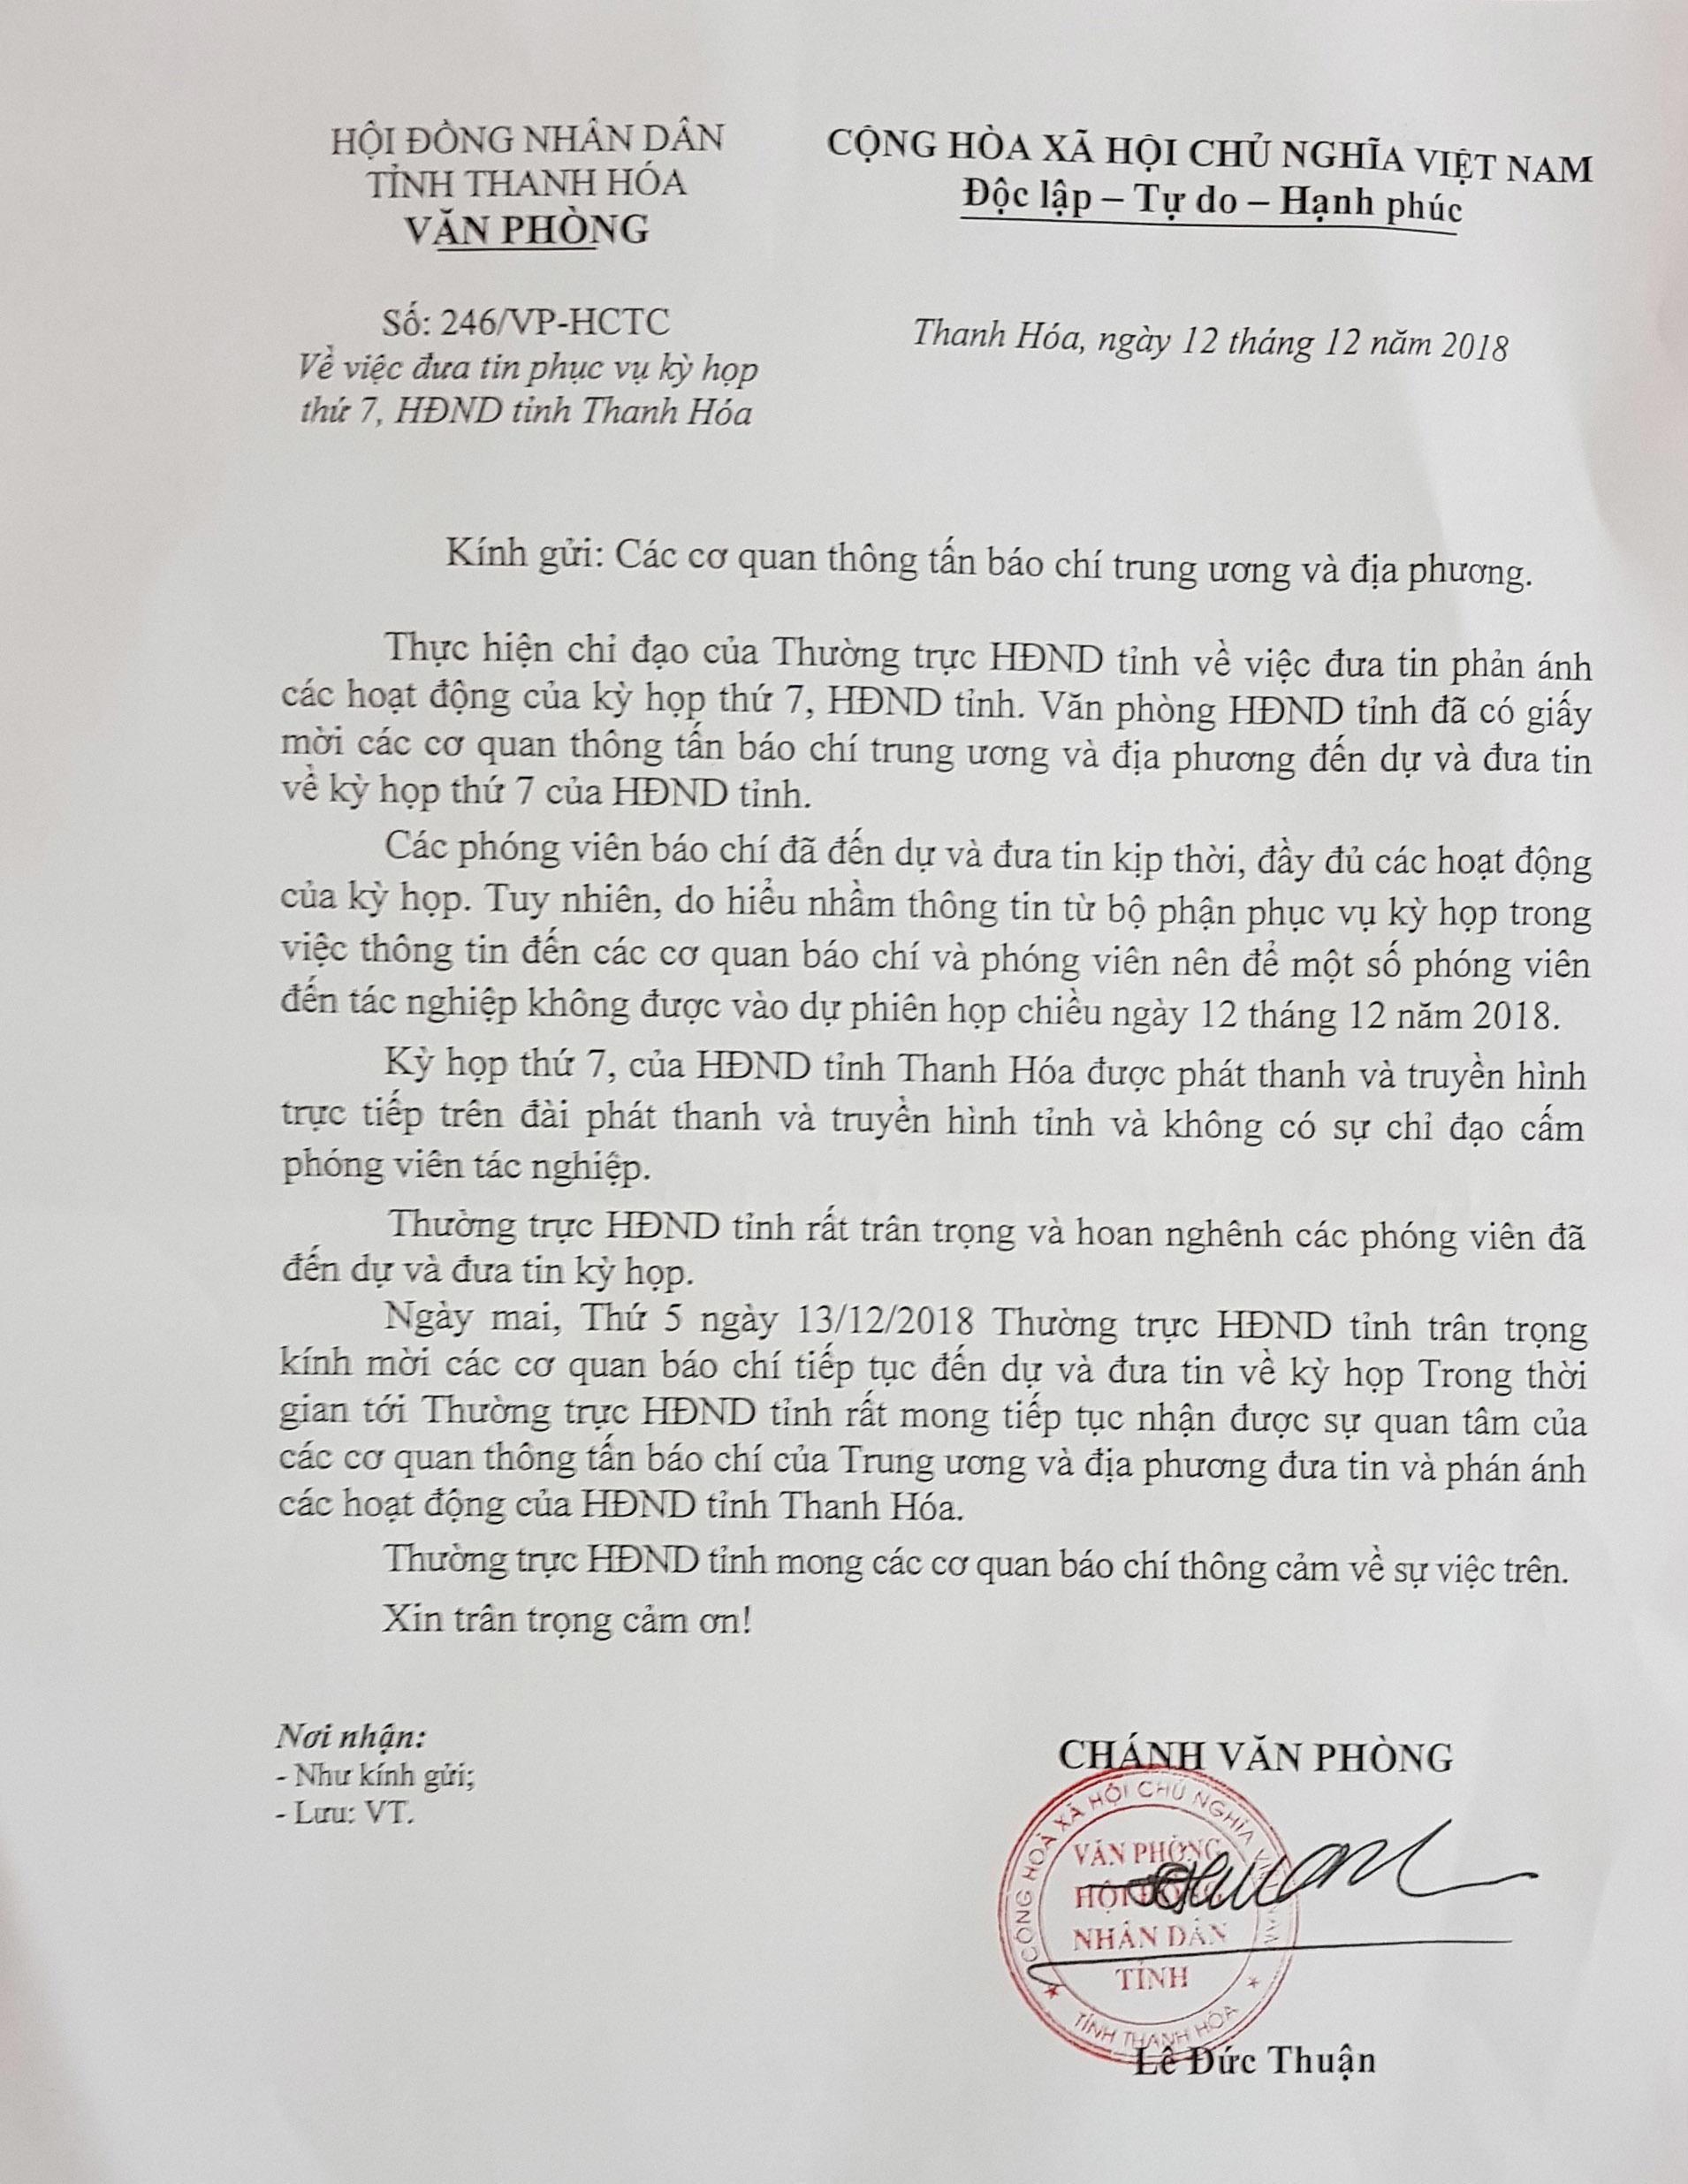 Thanh Hóa đột ngột 'cấm cửa' PV lúc công bố tín nhiệm: Do 'hiểu nhầm'